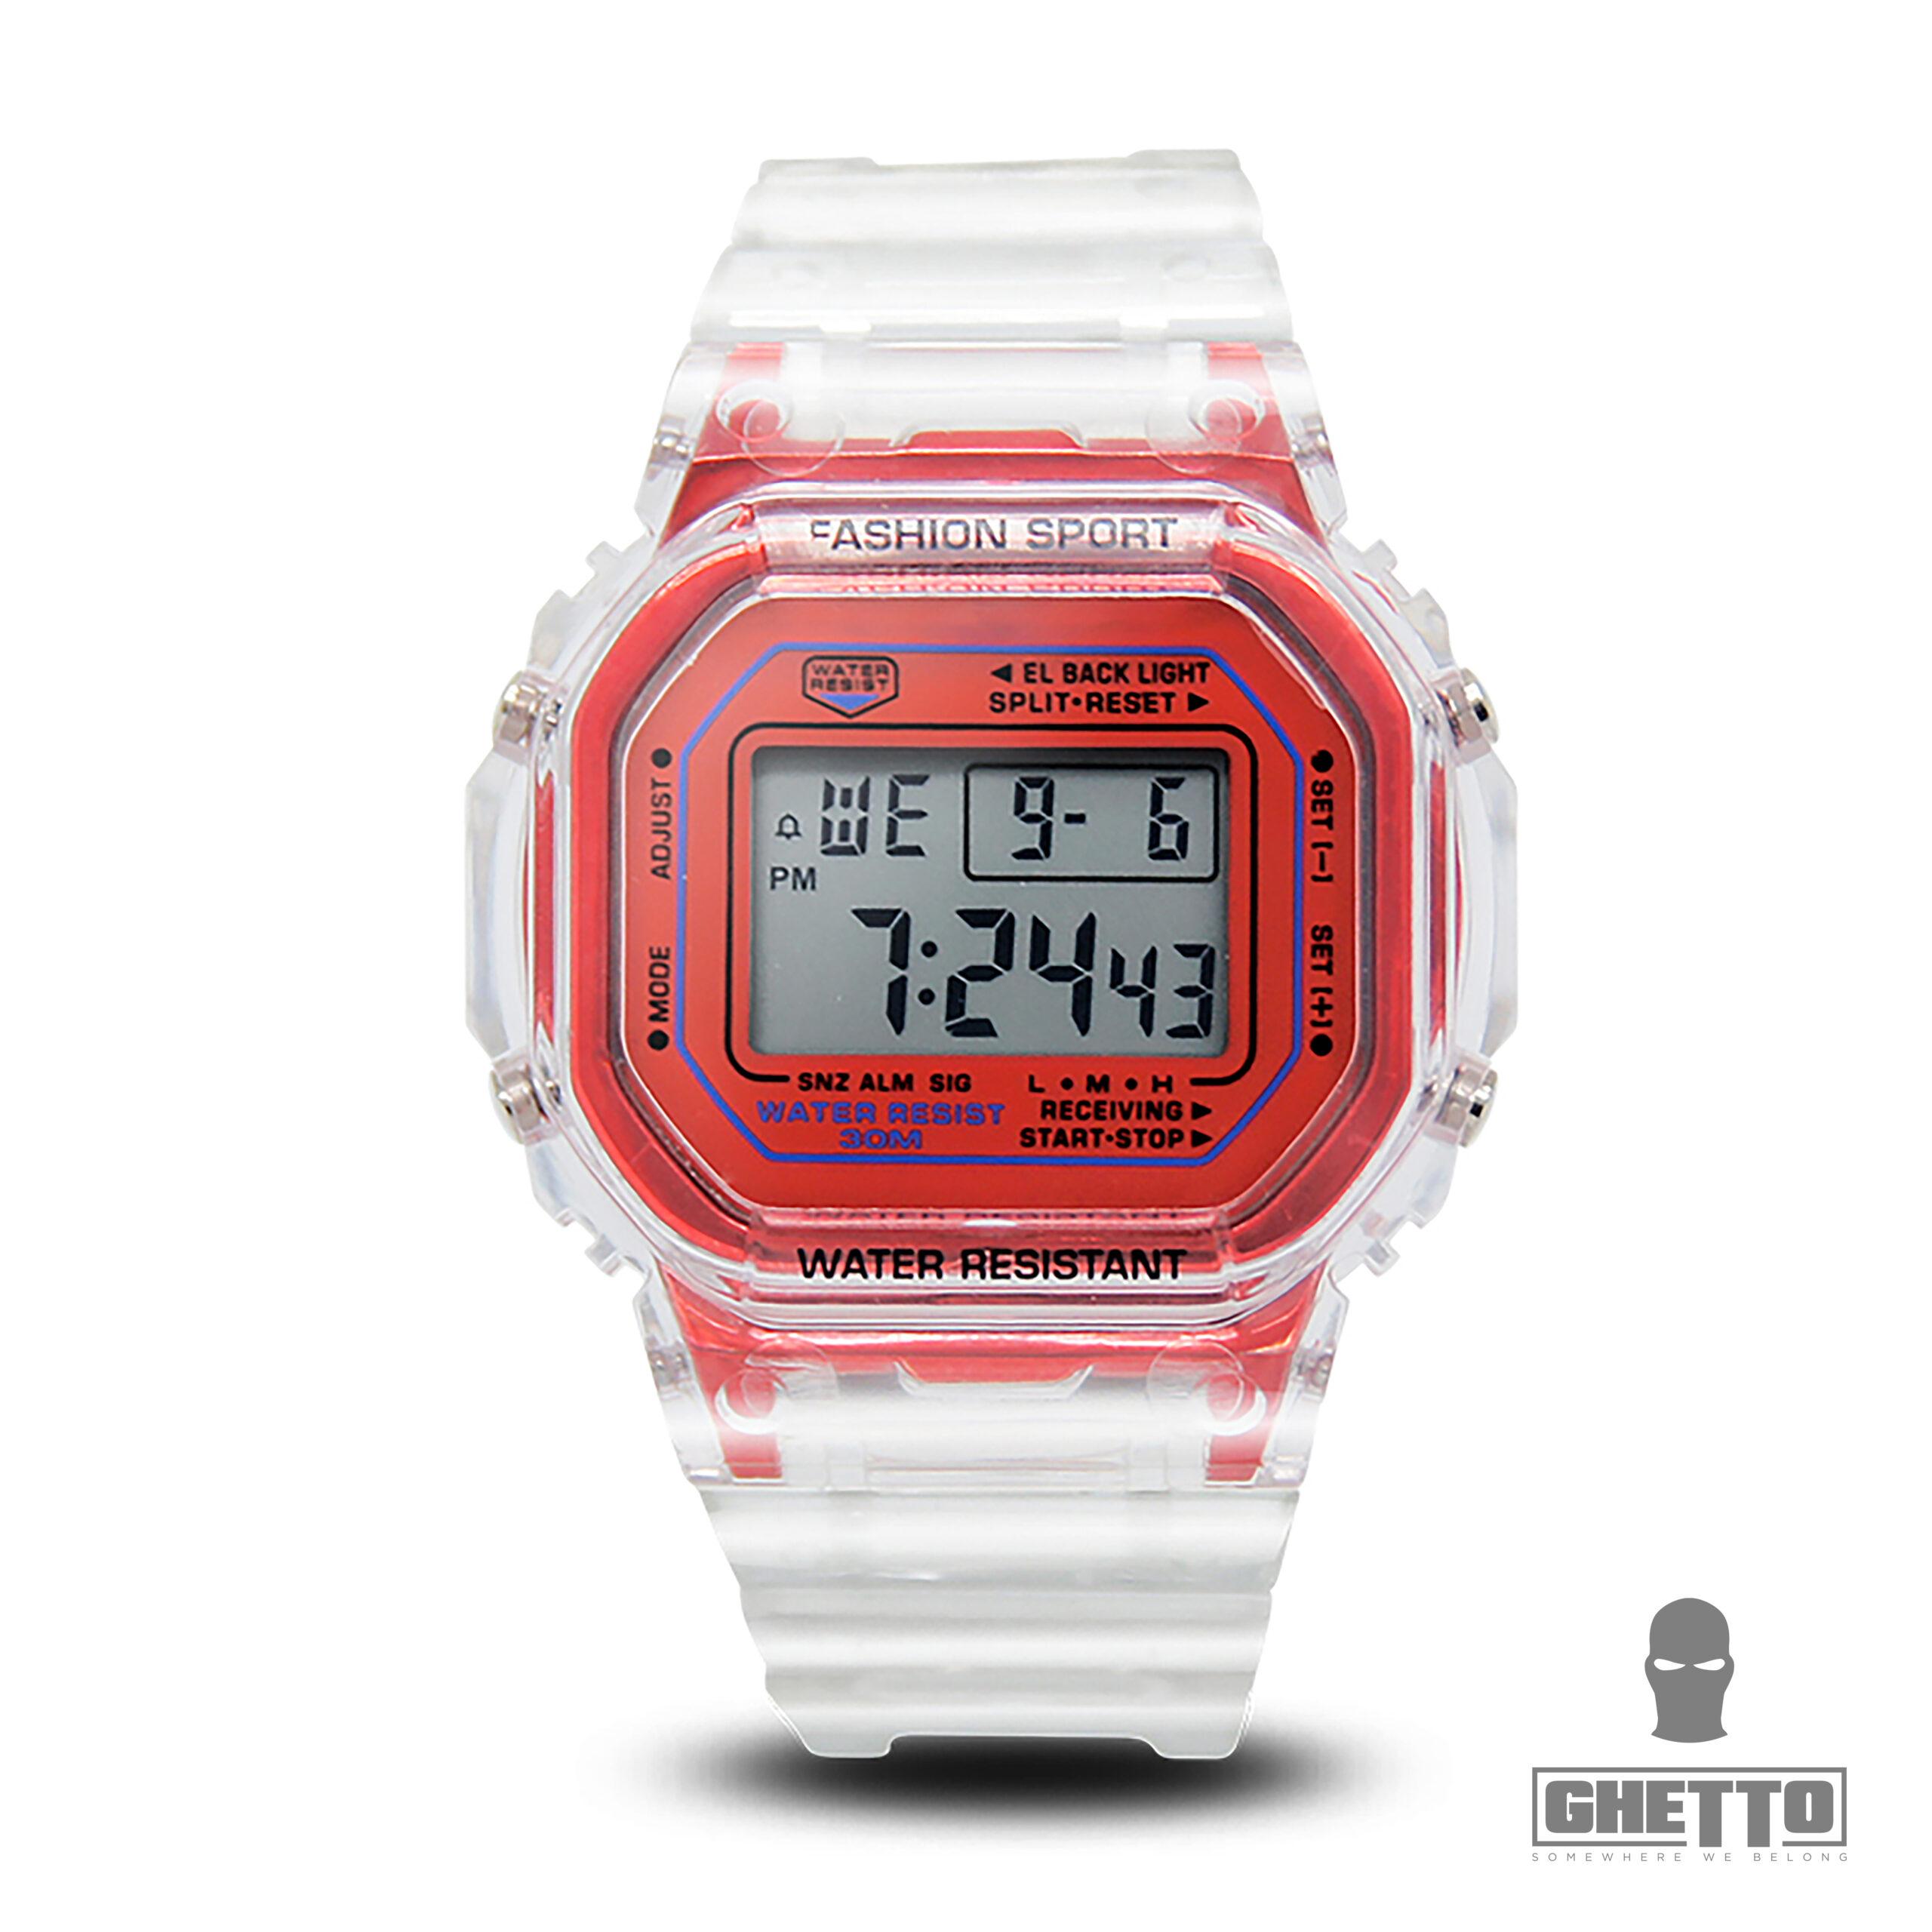 Ghetto Clear Silicon Digital Watch Band Fancy Elegant